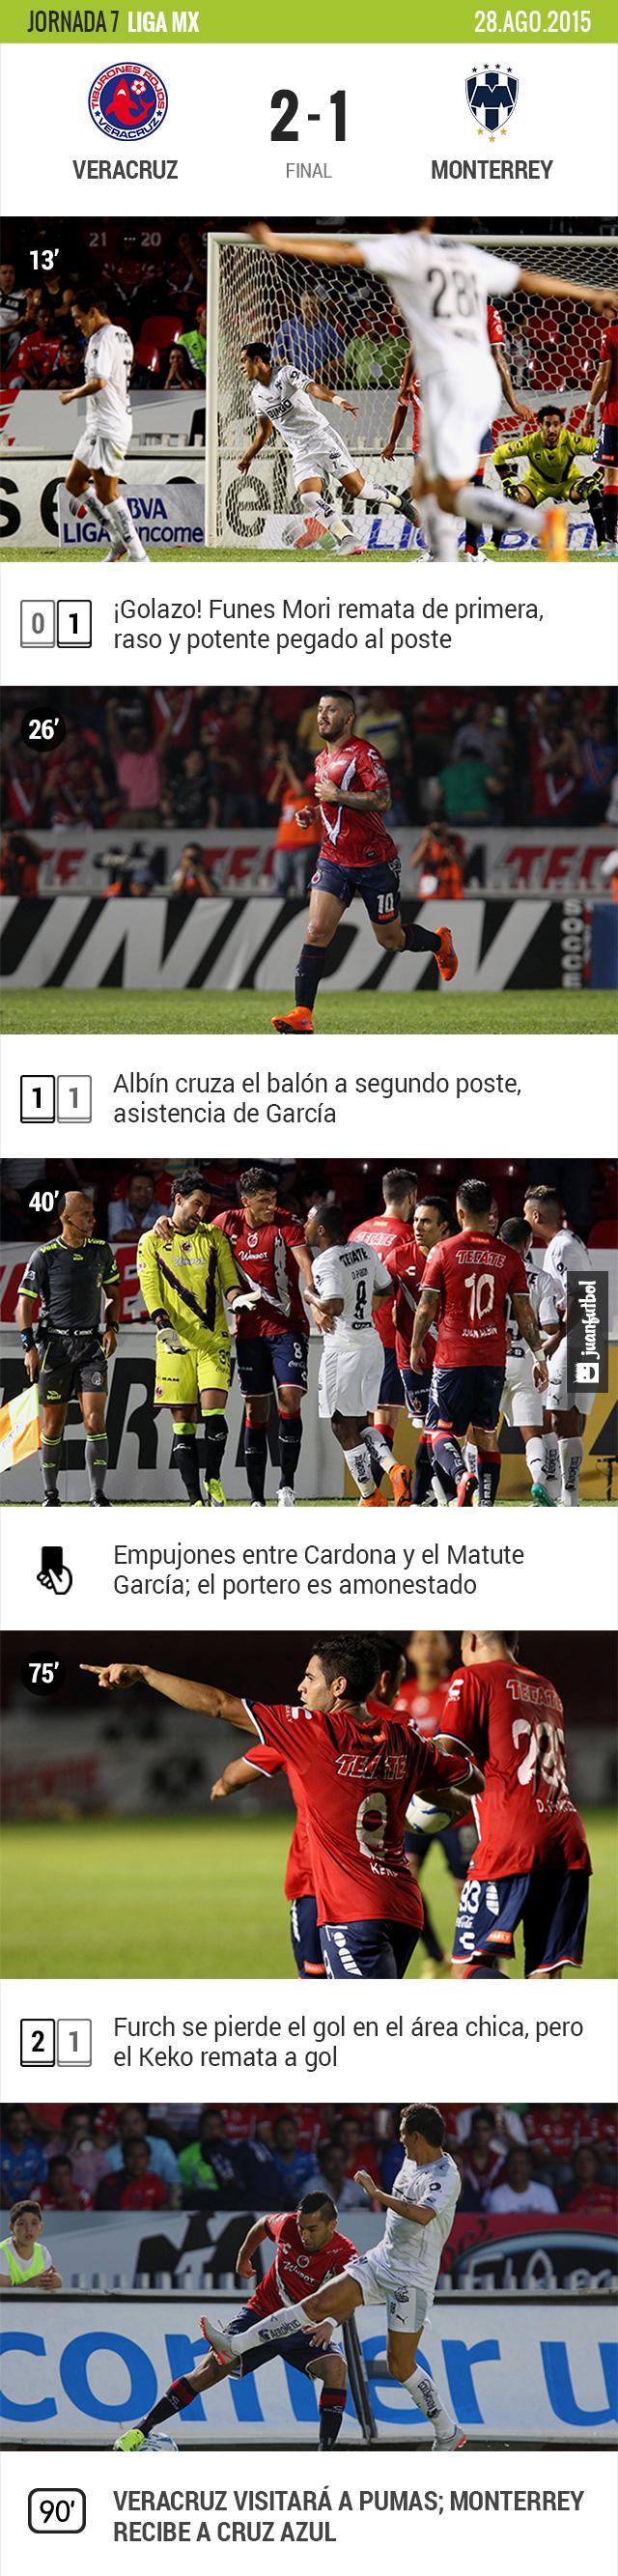 Veracruz 2-1 Monterrey